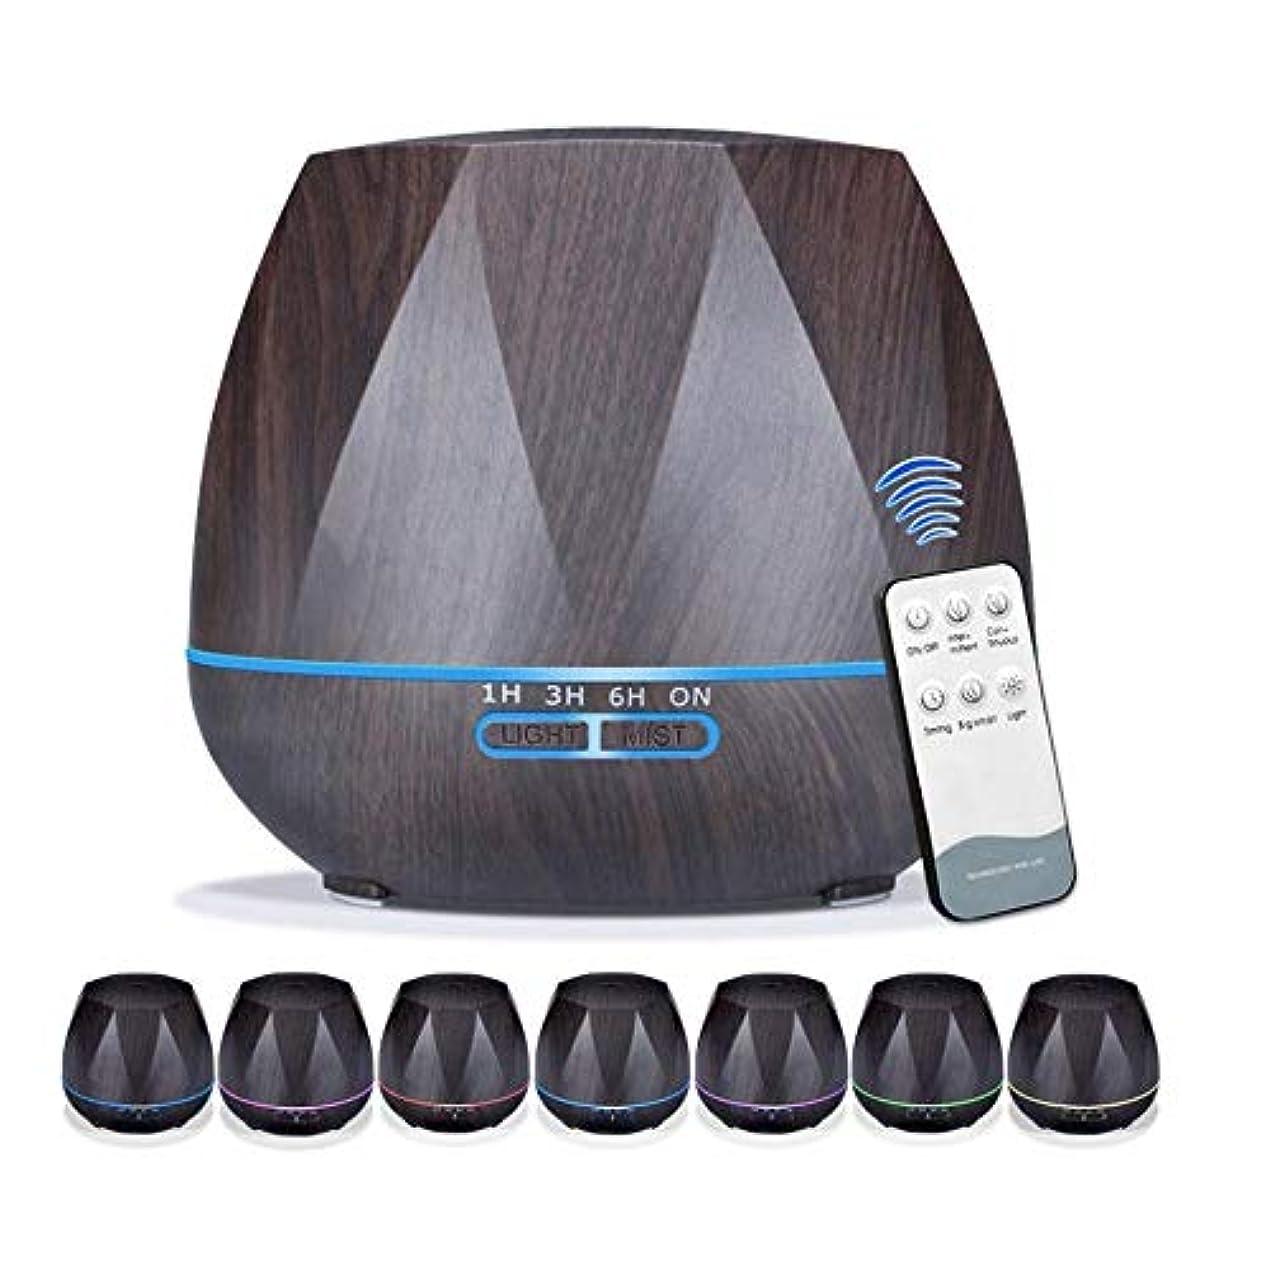 詩長方形素晴らしきエッセンシャルオイルディフューザー - 超音波空気加湿器、リモートセットLEDライトタイミングサイレントオイルディフューザー - 自動閉鎖(ディープウッドグレイン)